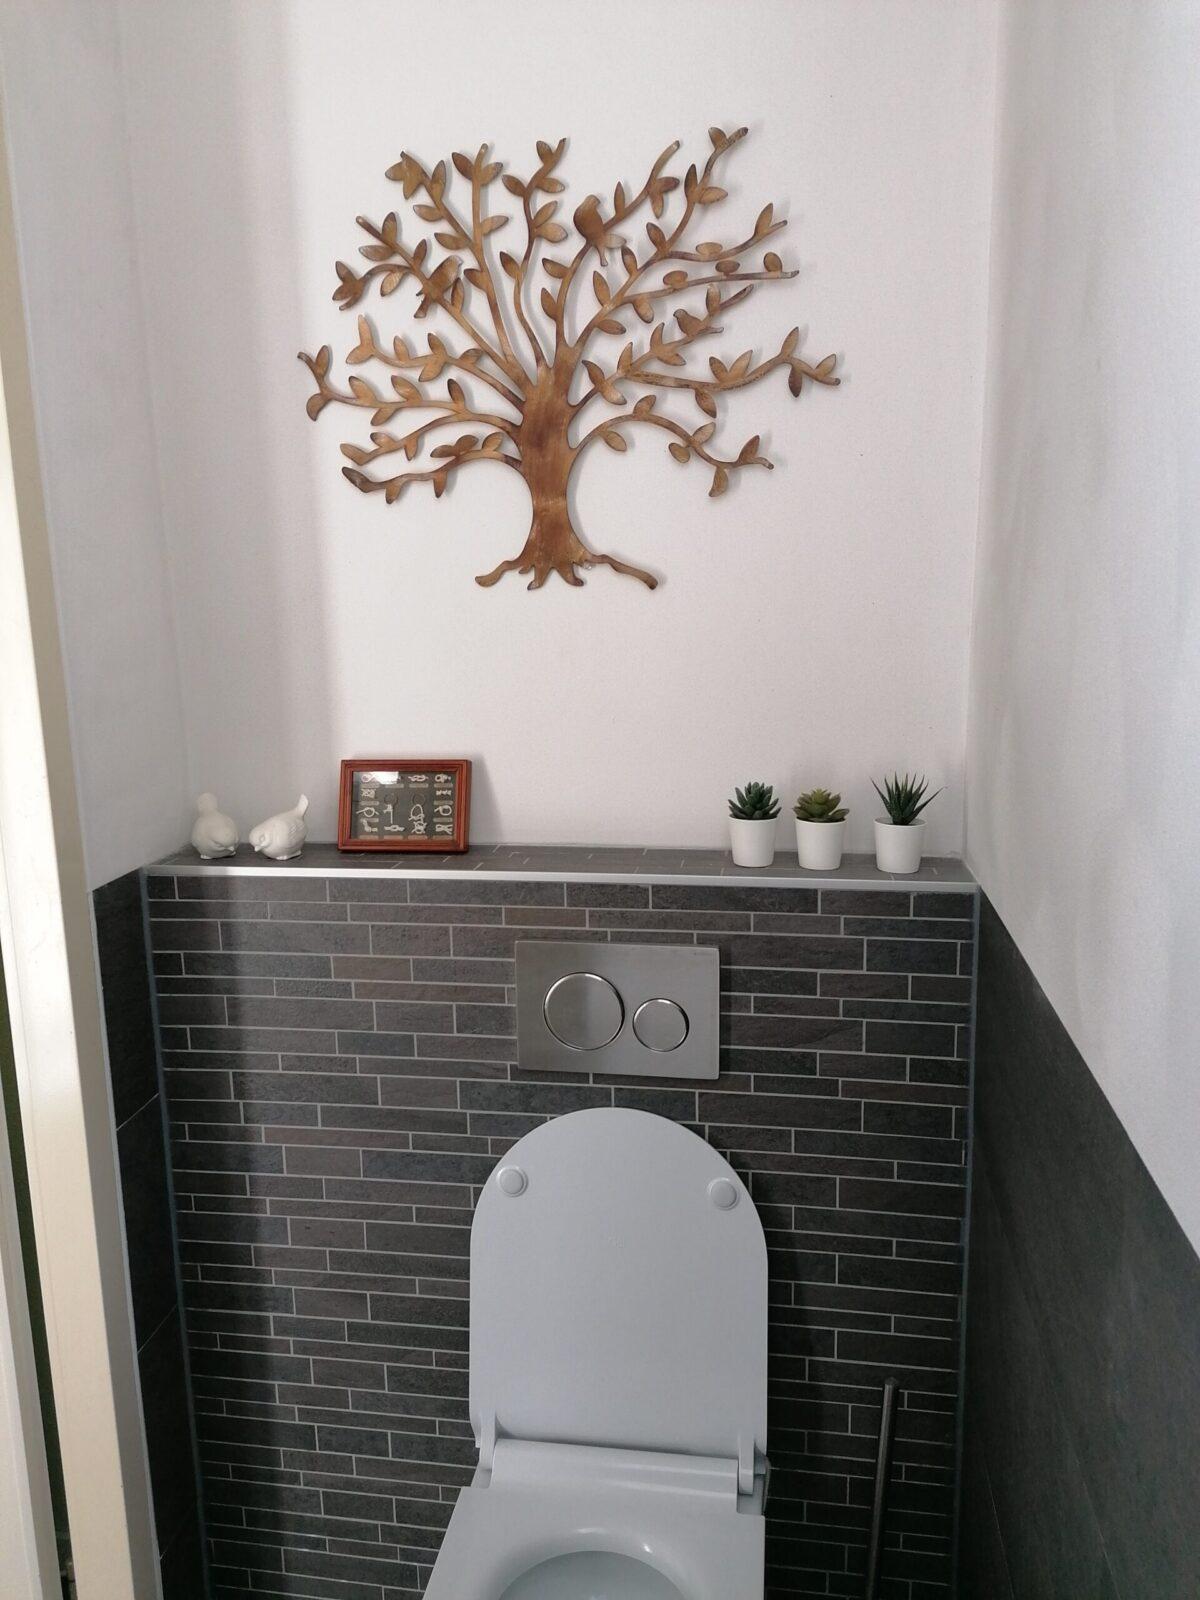 De Tree of friendship hangt heel mooi op ons kleinste kamertje